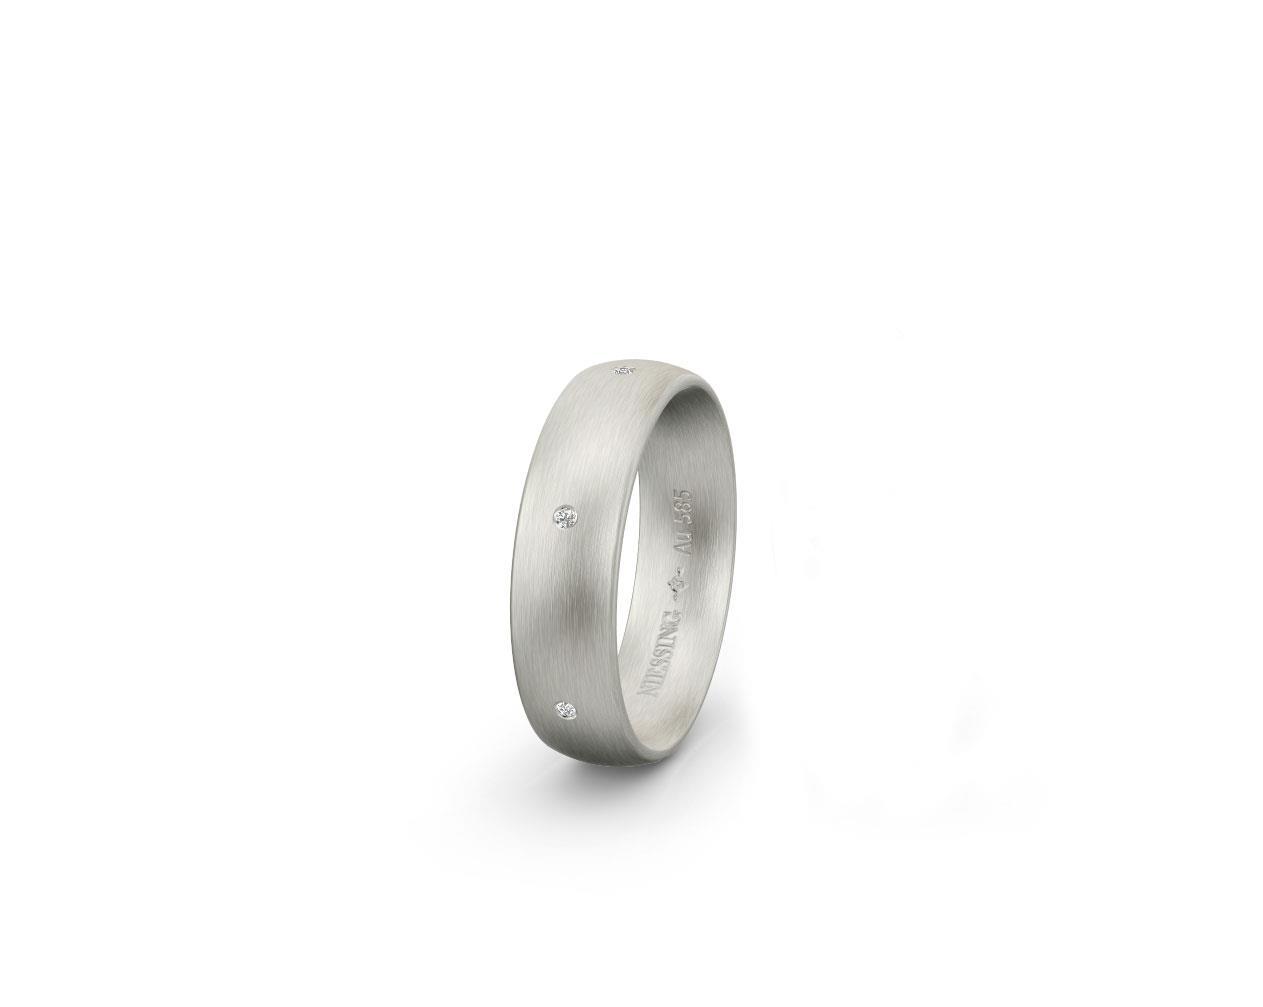 Ring 14ct Weißgold - Niessing - N131297S-10101003-10-12-14